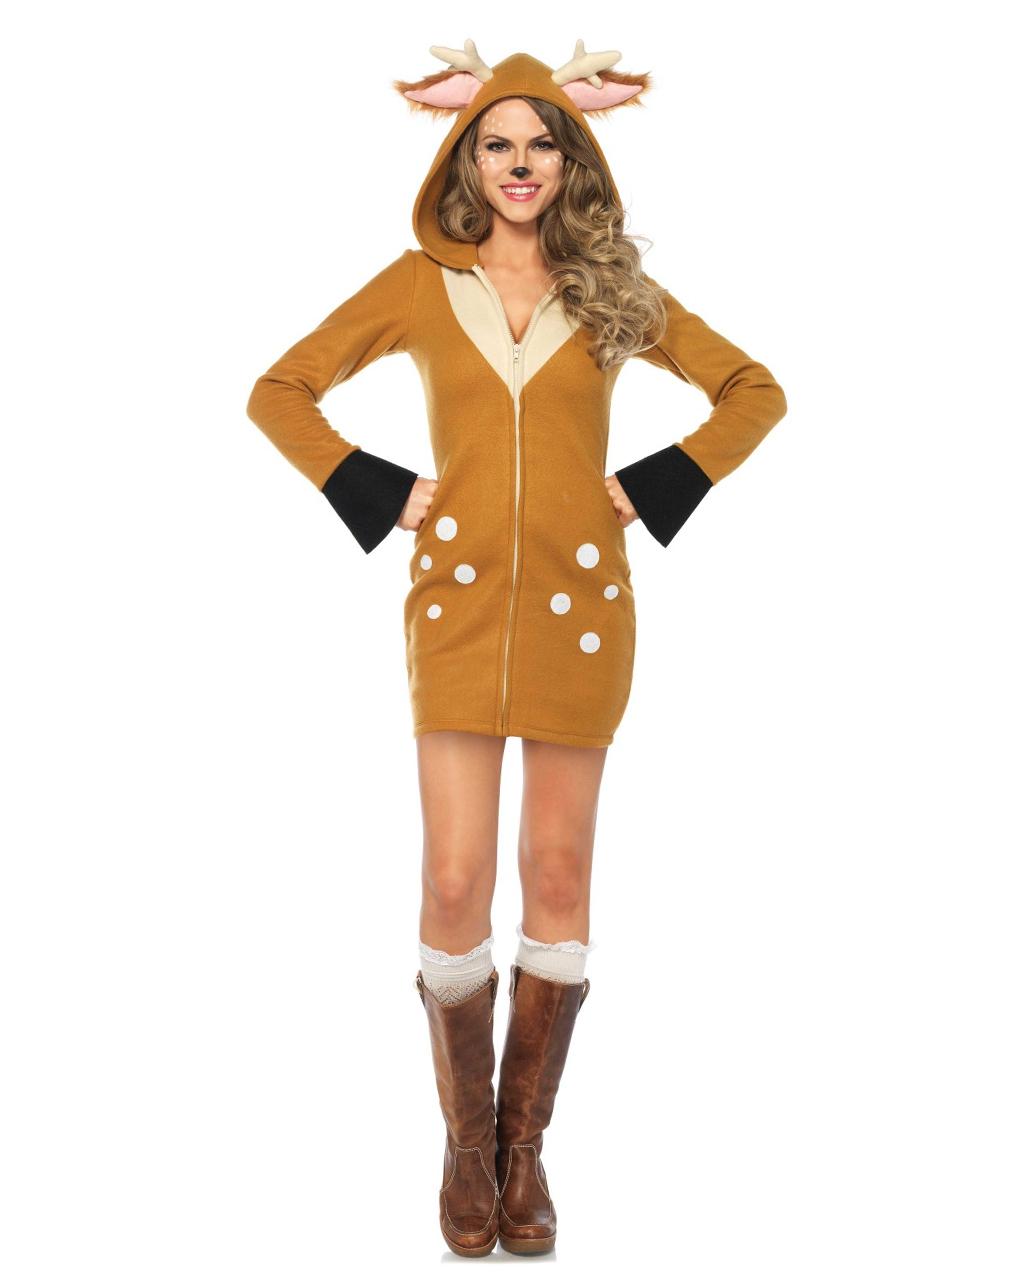 Bambi Reh Kostum Fur Damen Fur Fasching Karneval Universe